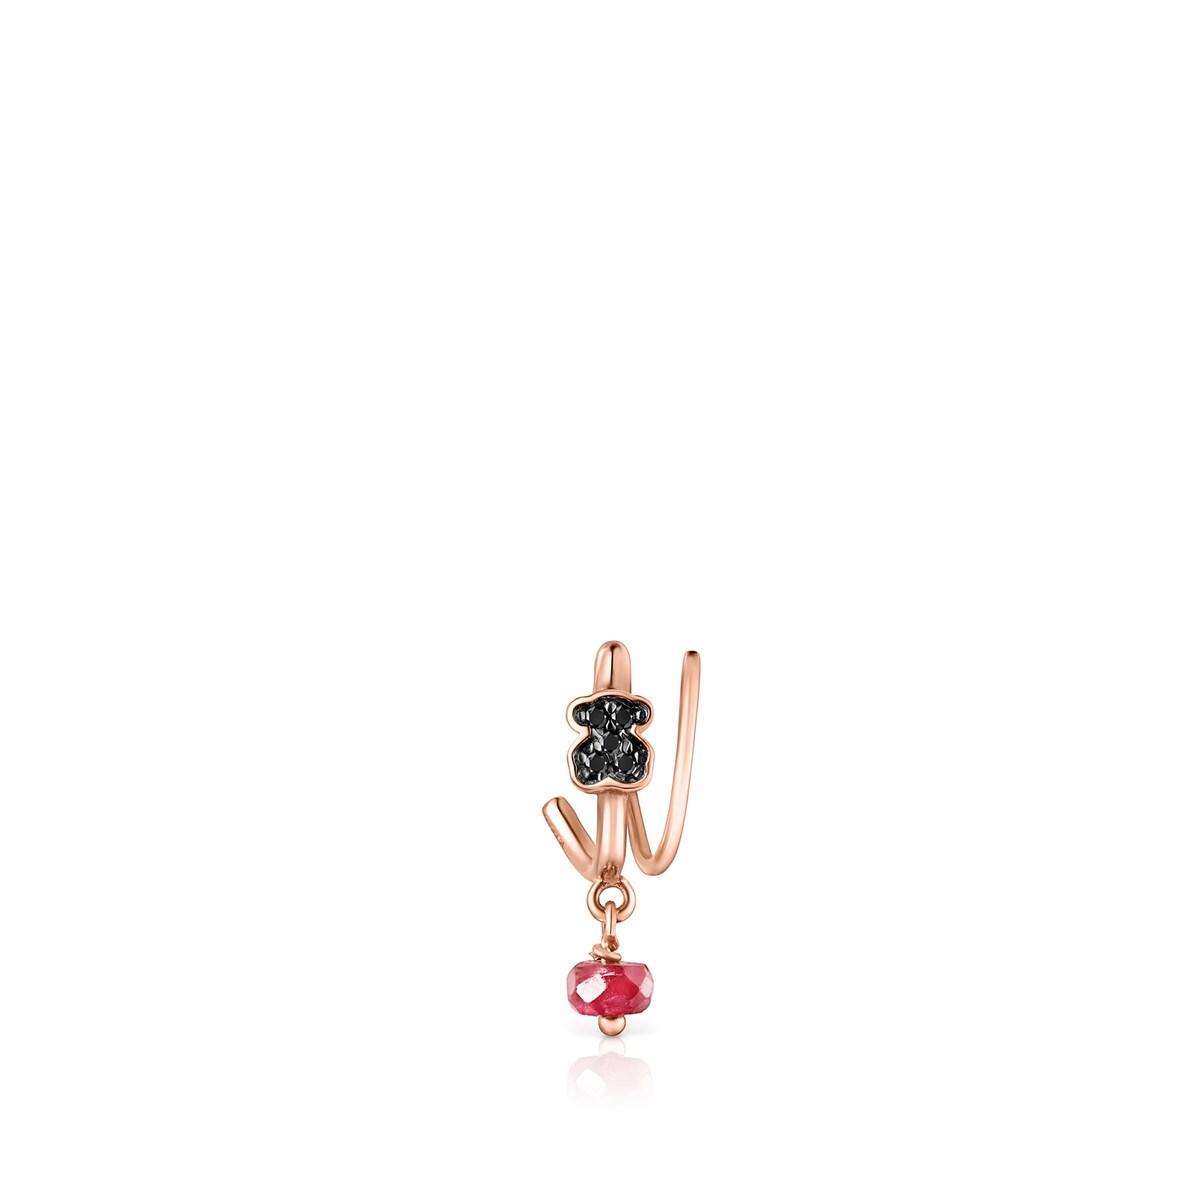 b33ccccade8d Earcuff Motif de Plata Vermeil rosa con Espinelas - Sitio web Tous ...